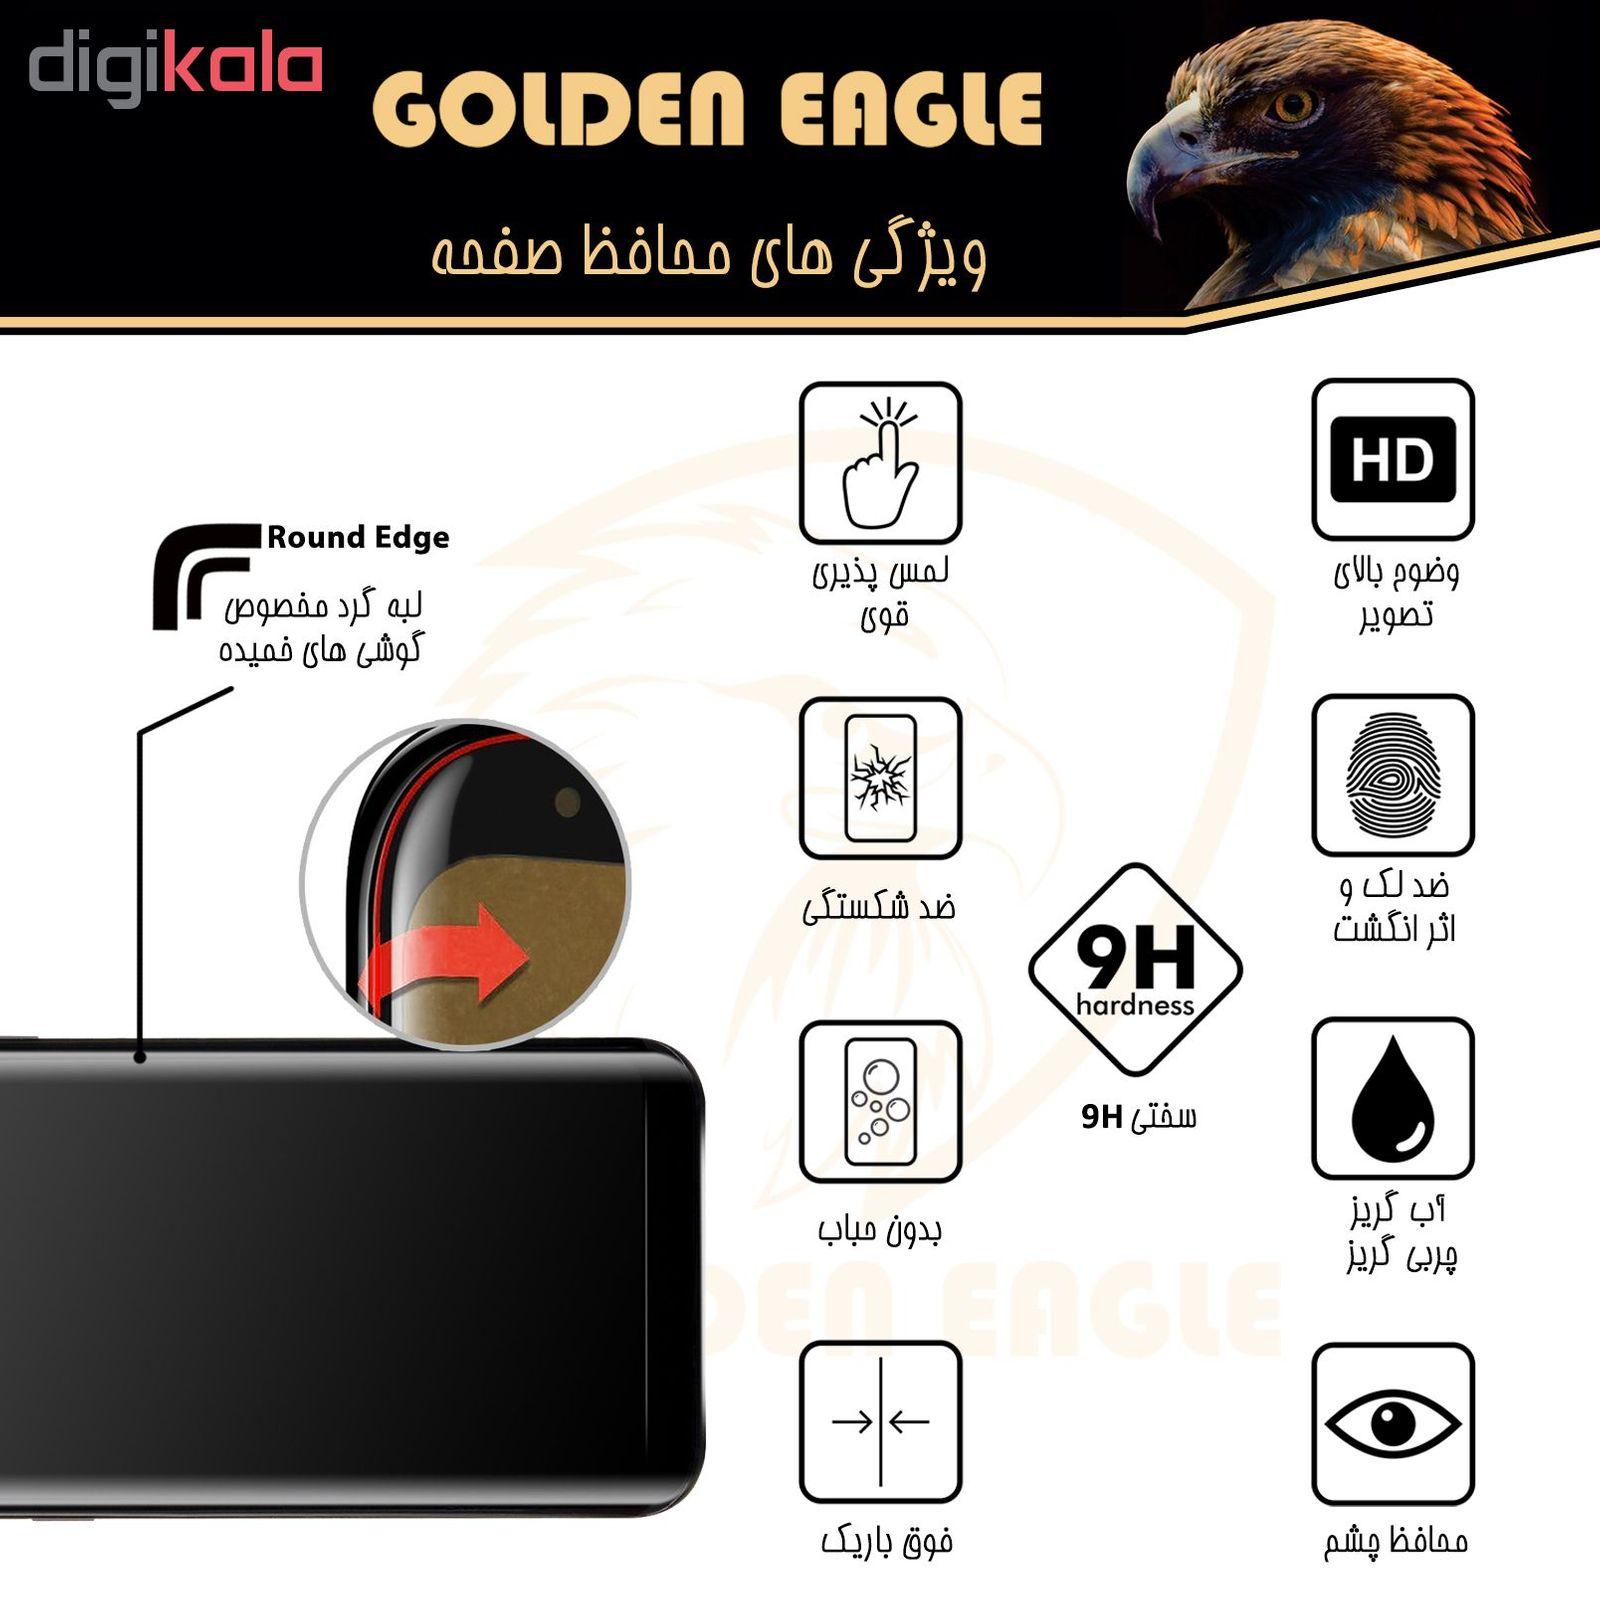 محافظ صفحه نمایش گلدن ایگل مدل HFC-X2 مناسب برای گوشی موبایل سامسونگ Galaxy S9 بسته دو عددی main 1 3